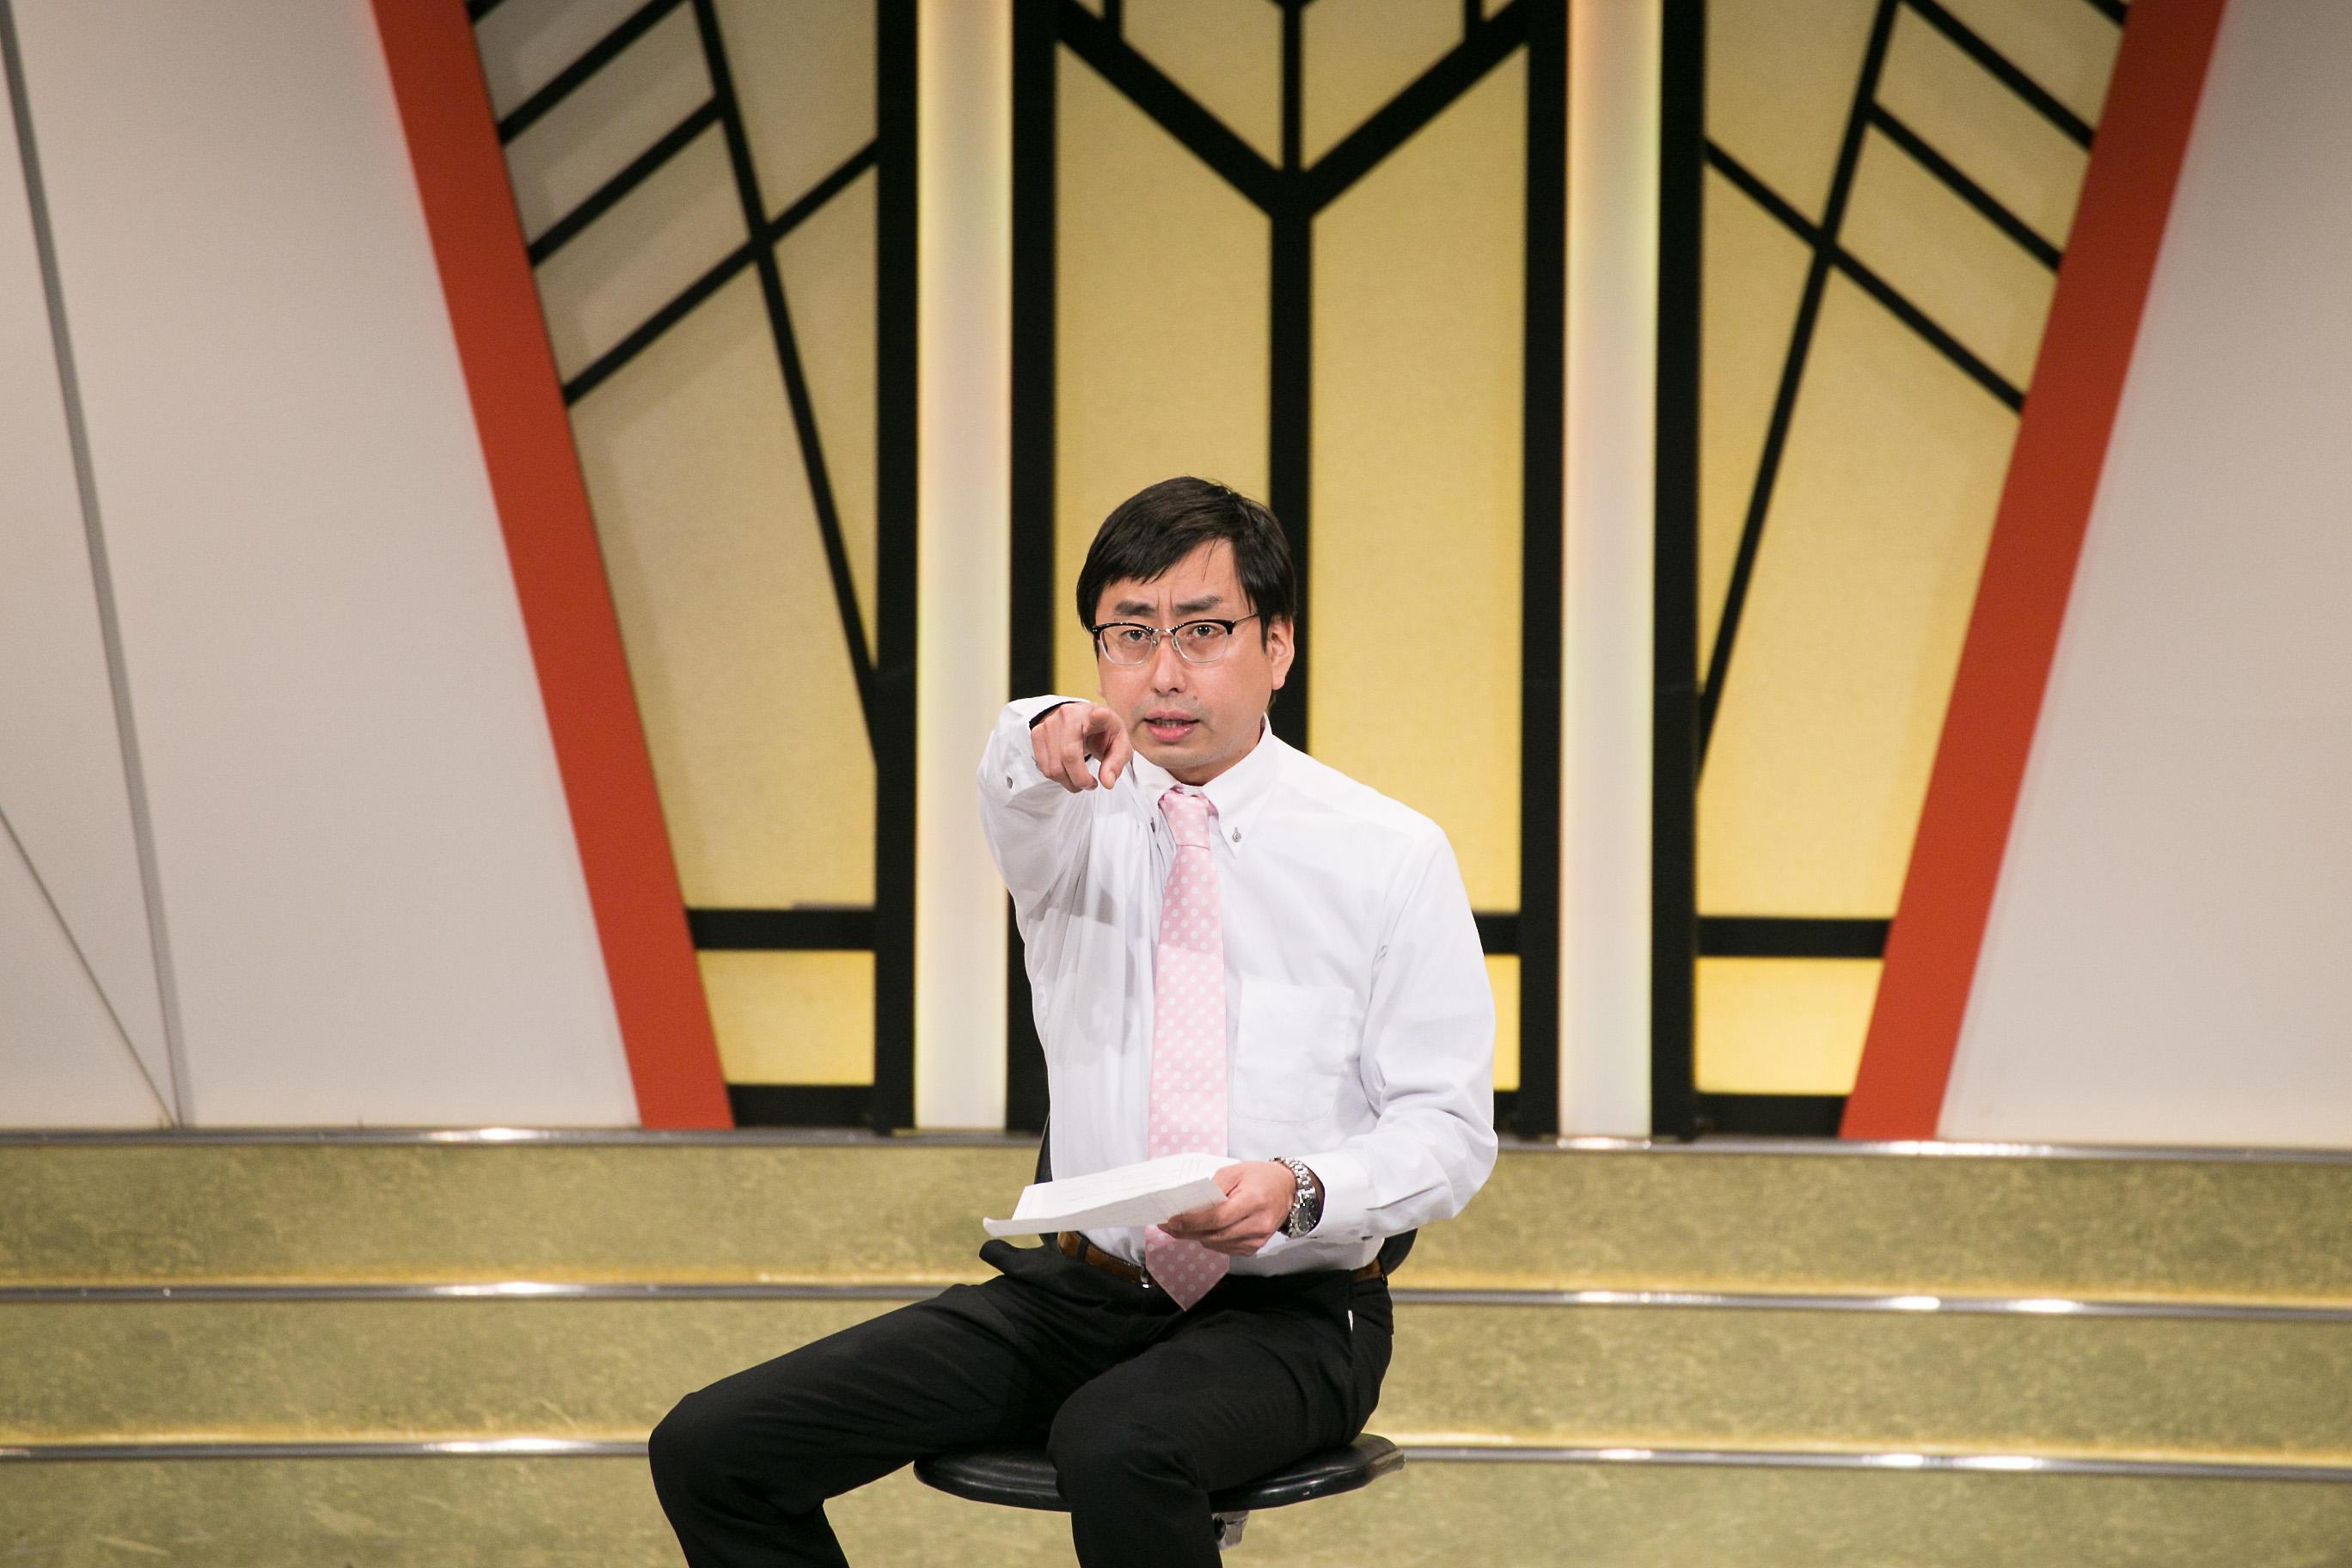 http://news.yoshimoto.co.jp/20171205221547-3363242a5d90b7352e4afc3e3249b611bd18bb26.jpg